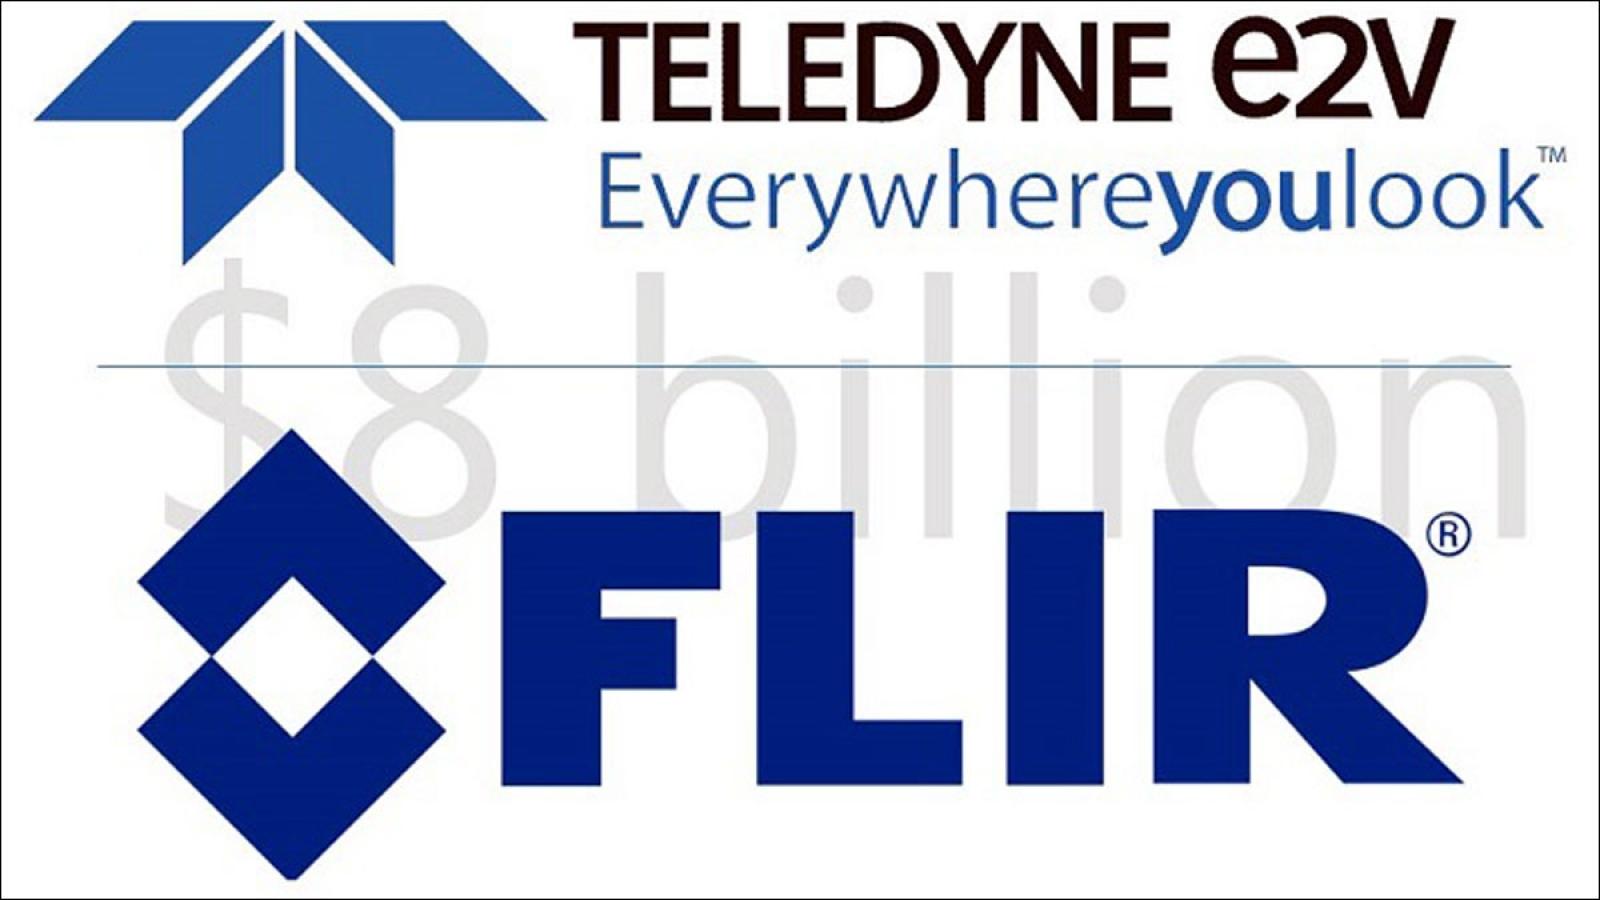 FLIR được hãng cảm biến công nghiệp Teledyne mua lại với giá 8 tỷ USD